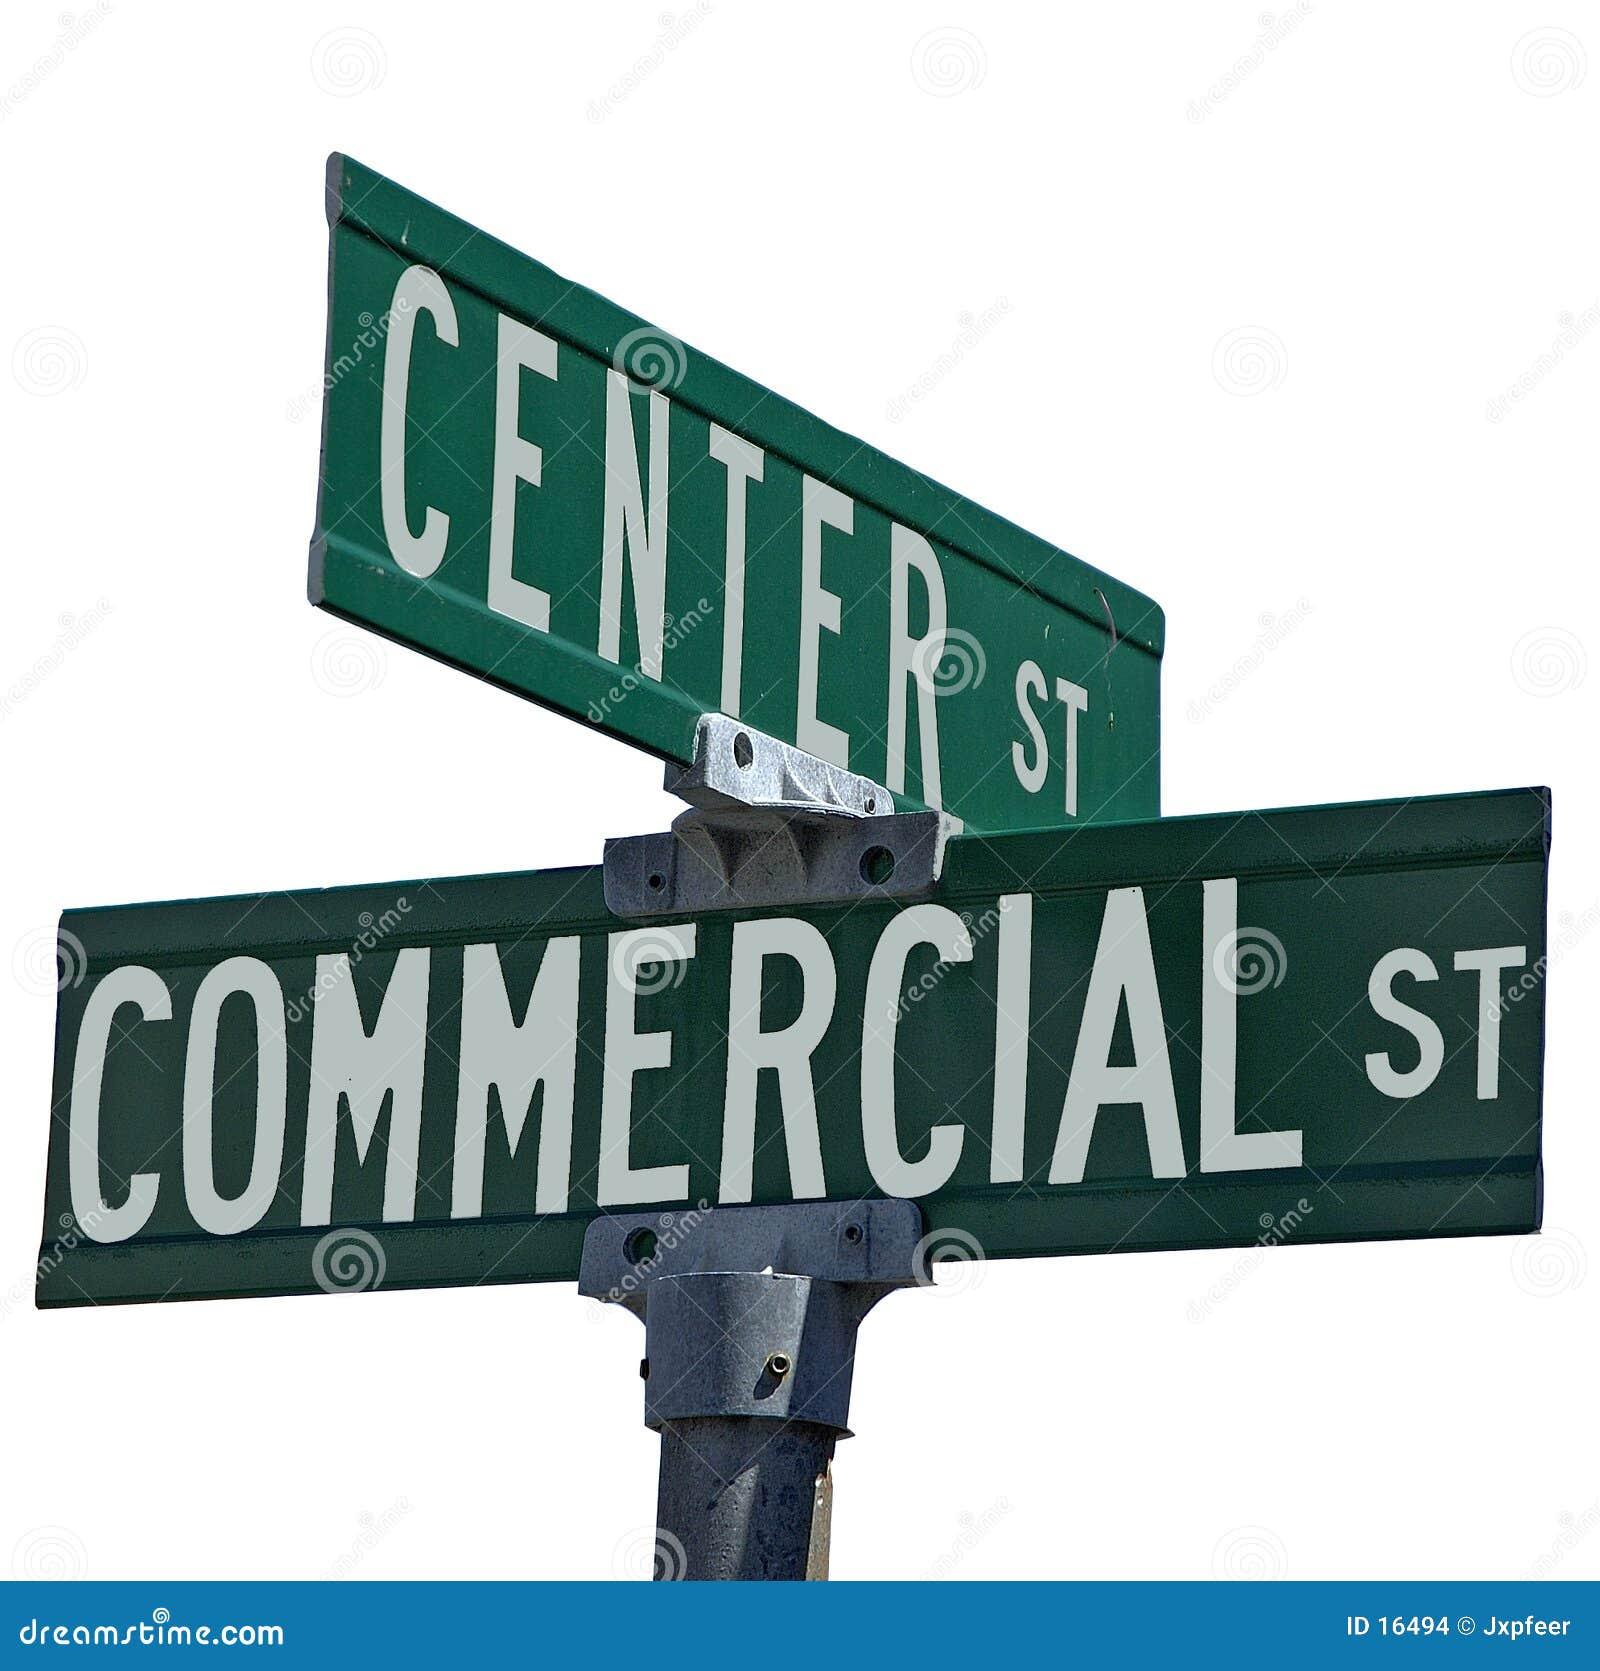 Centro y anuncio publicitario